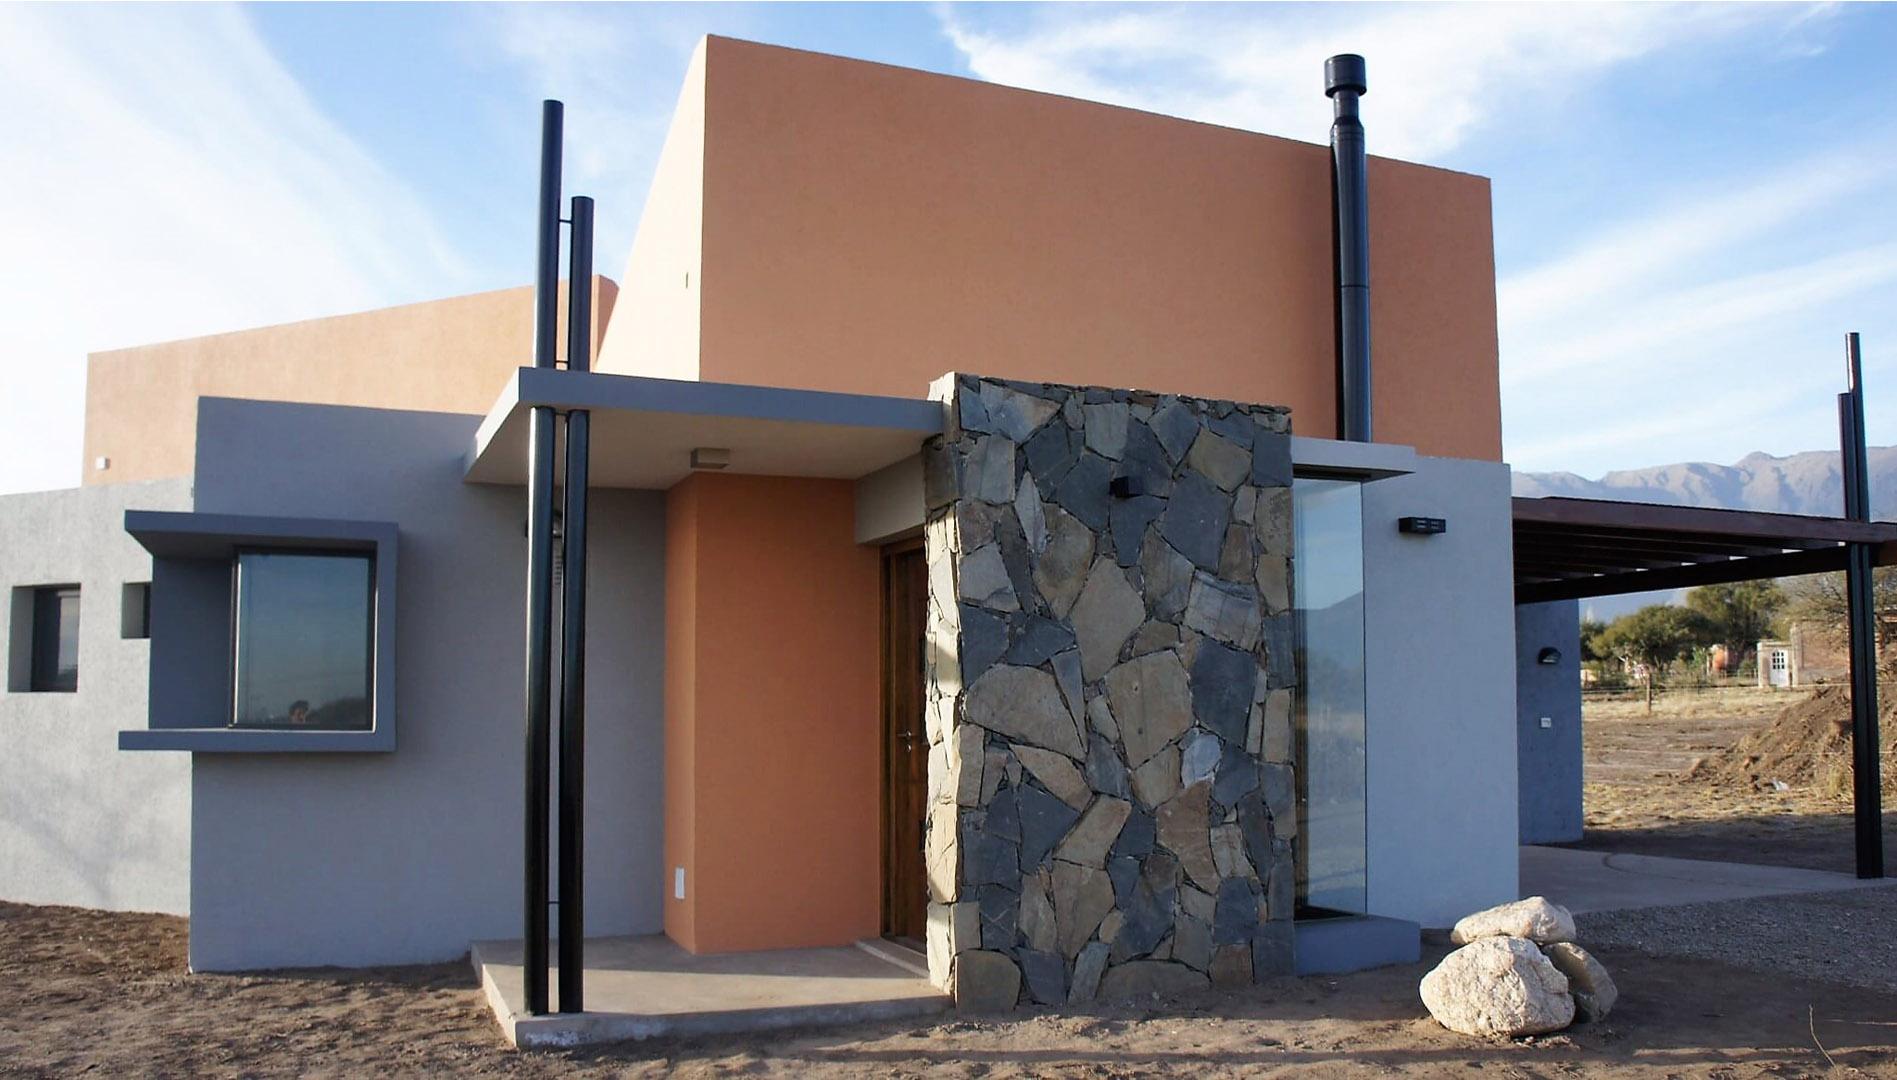 Ag arquitectura alvarez gurruchaga arquitectos casa - Agg arquitectura ...